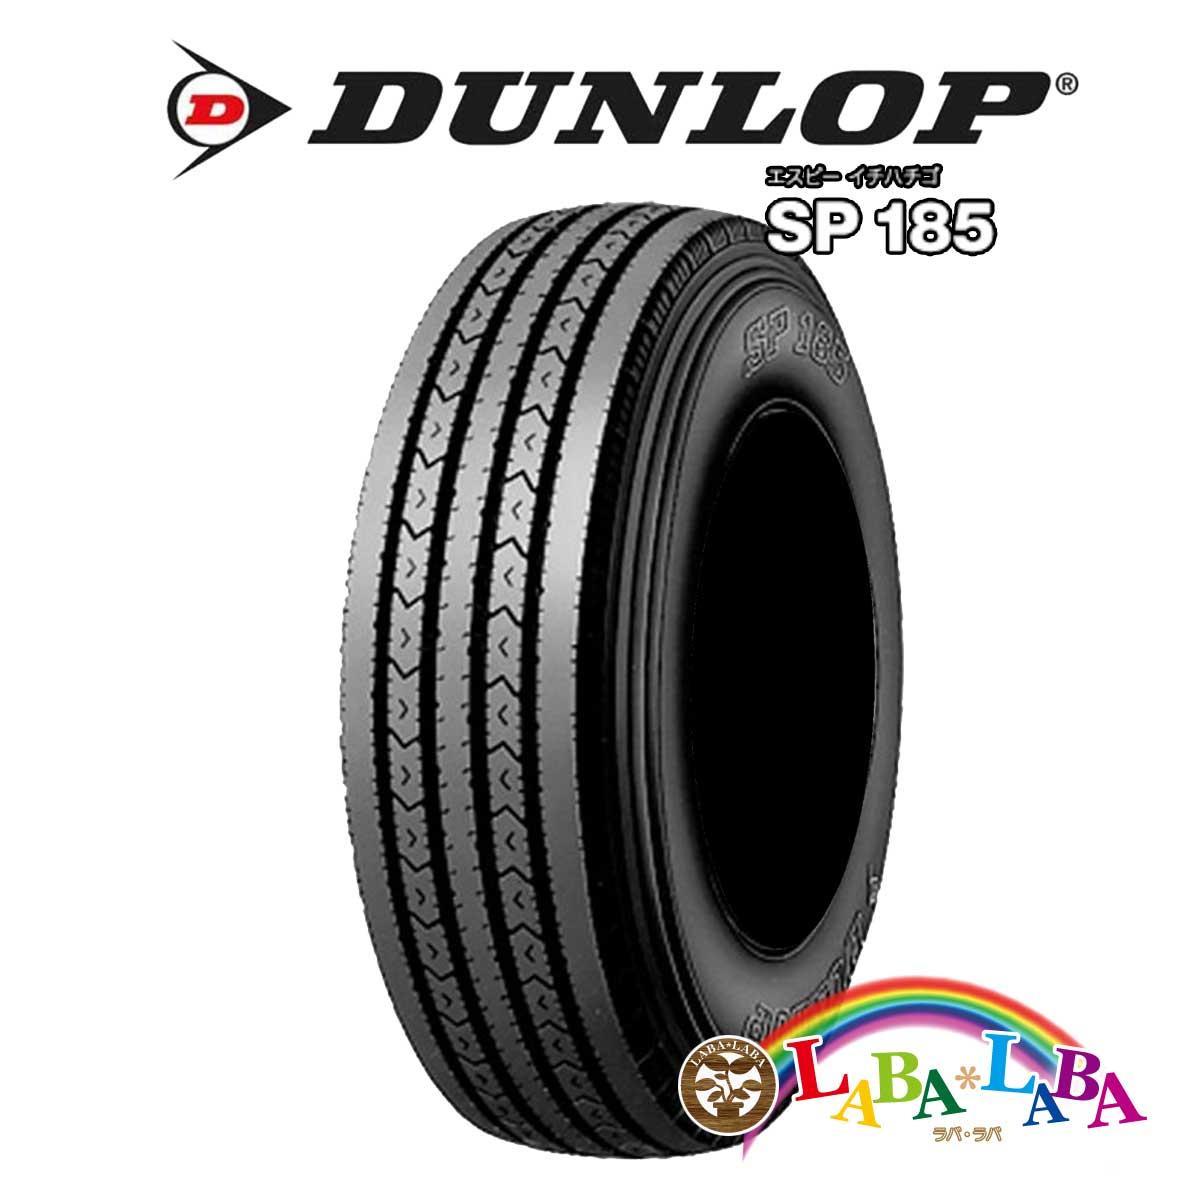 2本以上送料無料 大決算セール 国産タイヤ サマータイヤ 新品 超特価 タイヤのみ DUNLOP 7.50R15 ダンロップ SP185 14PR チューブタイプ